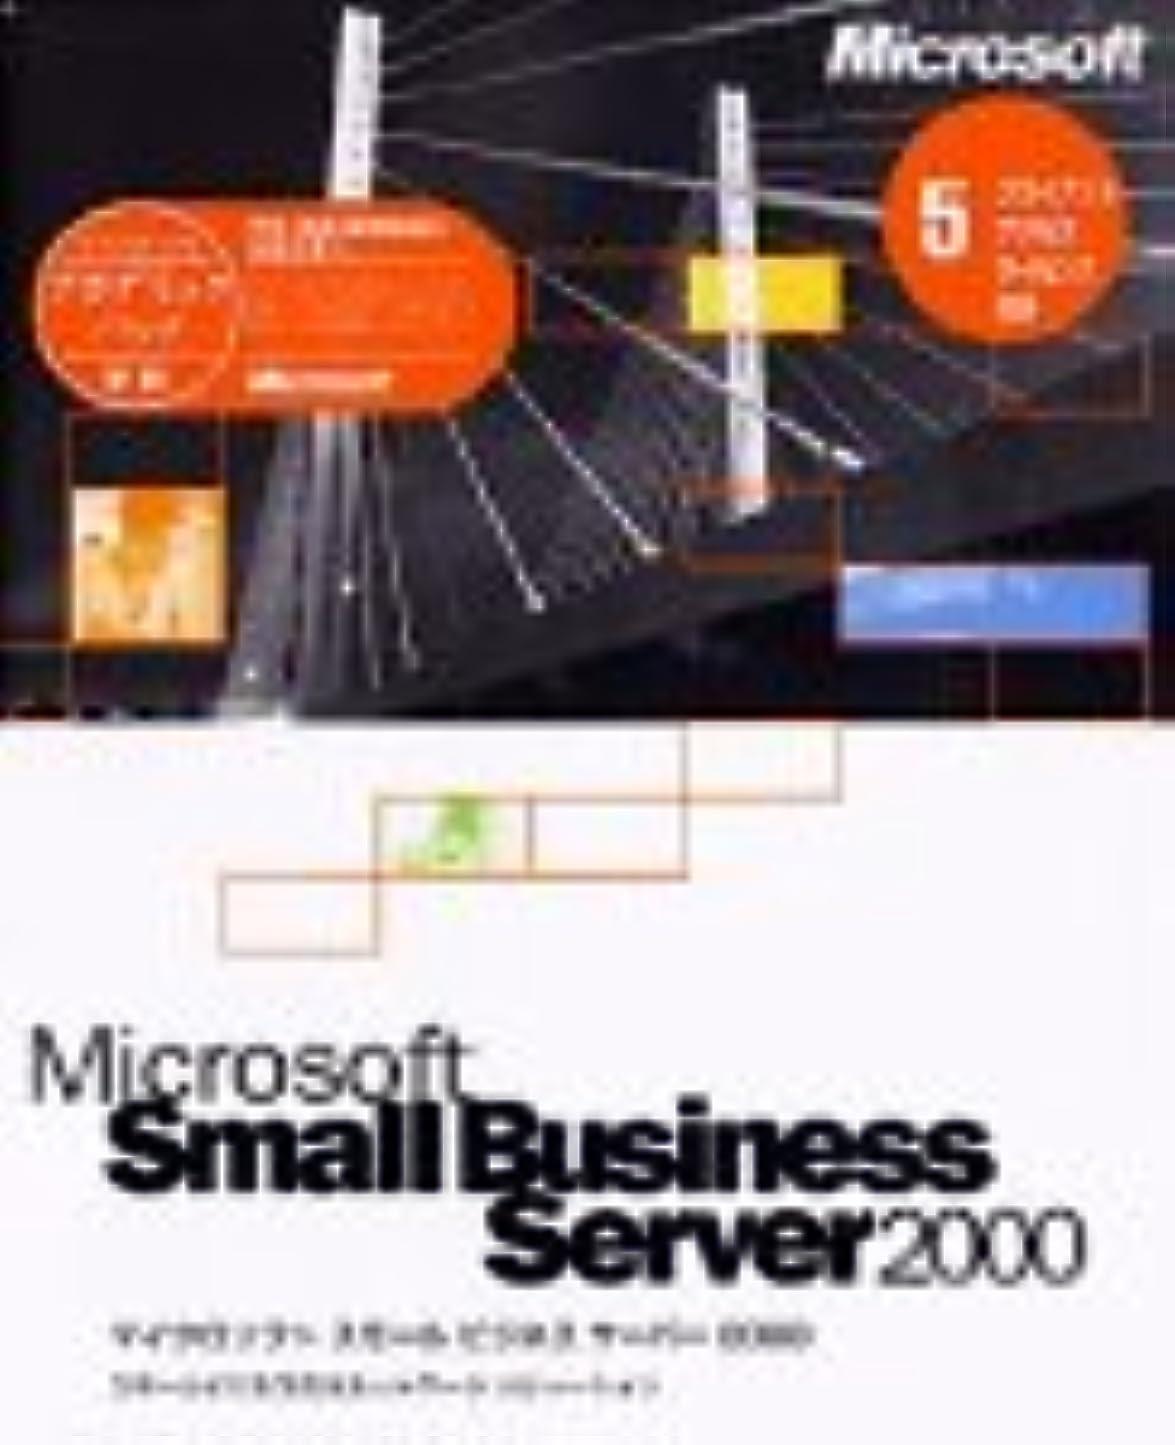 極めて鹿信頼性Microsoft Small Business Server 2000 アカデミックパック 5クライアントアクセスライセンス付き